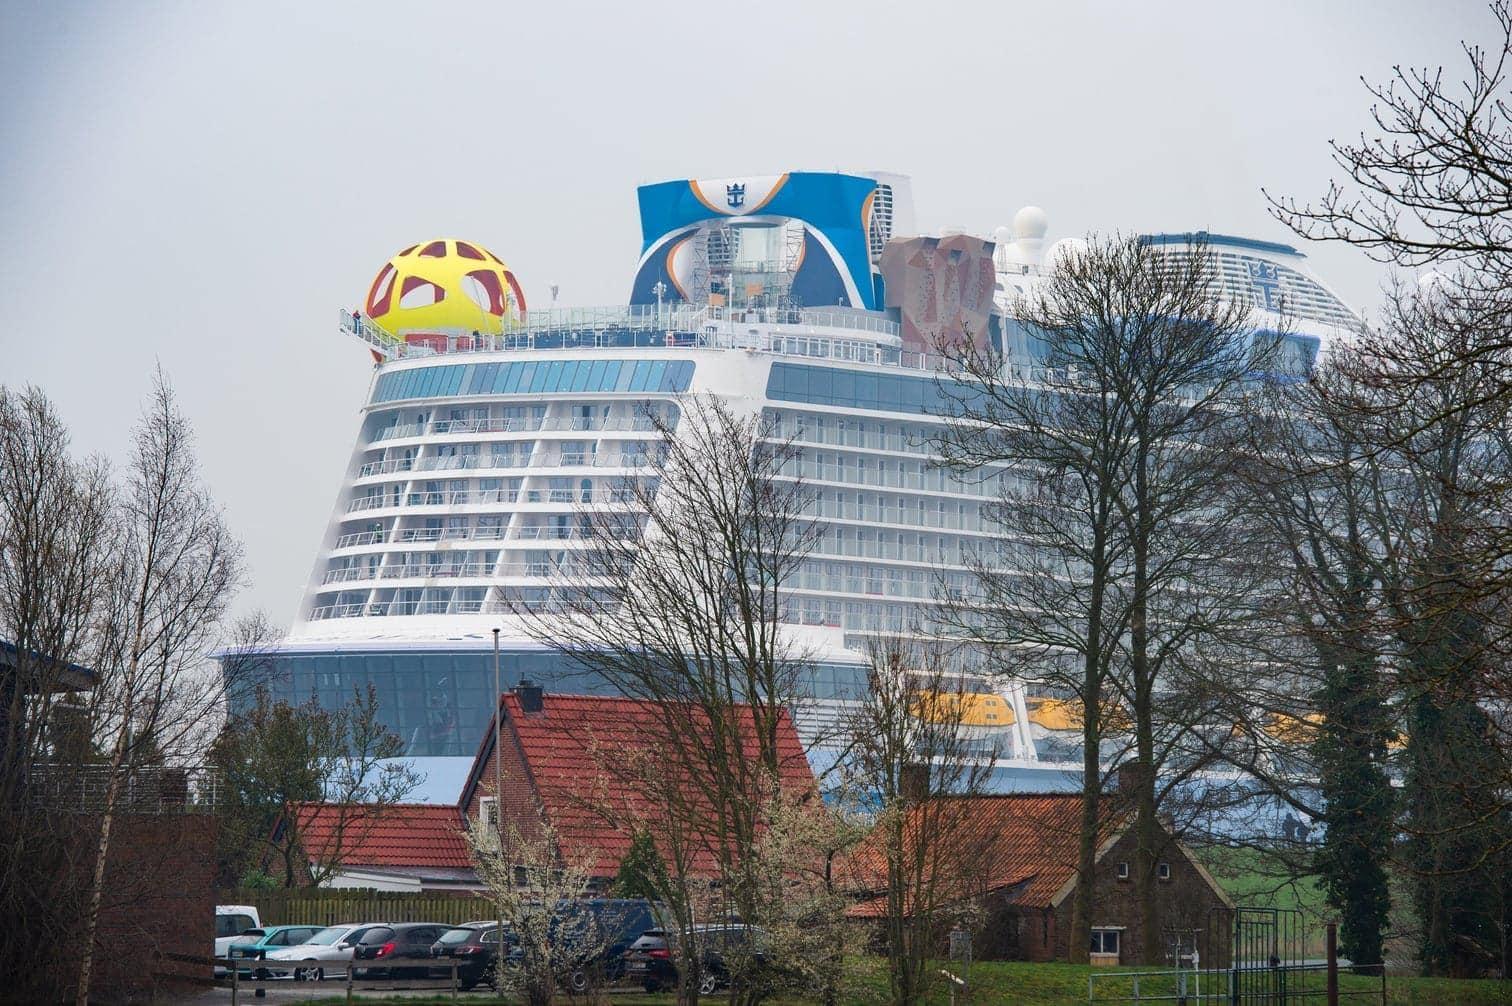 <p>Das Schiff kommt auf eine Gesamtlänge von 347 Metern.</p> Foto: dpa/Christophe Gateau